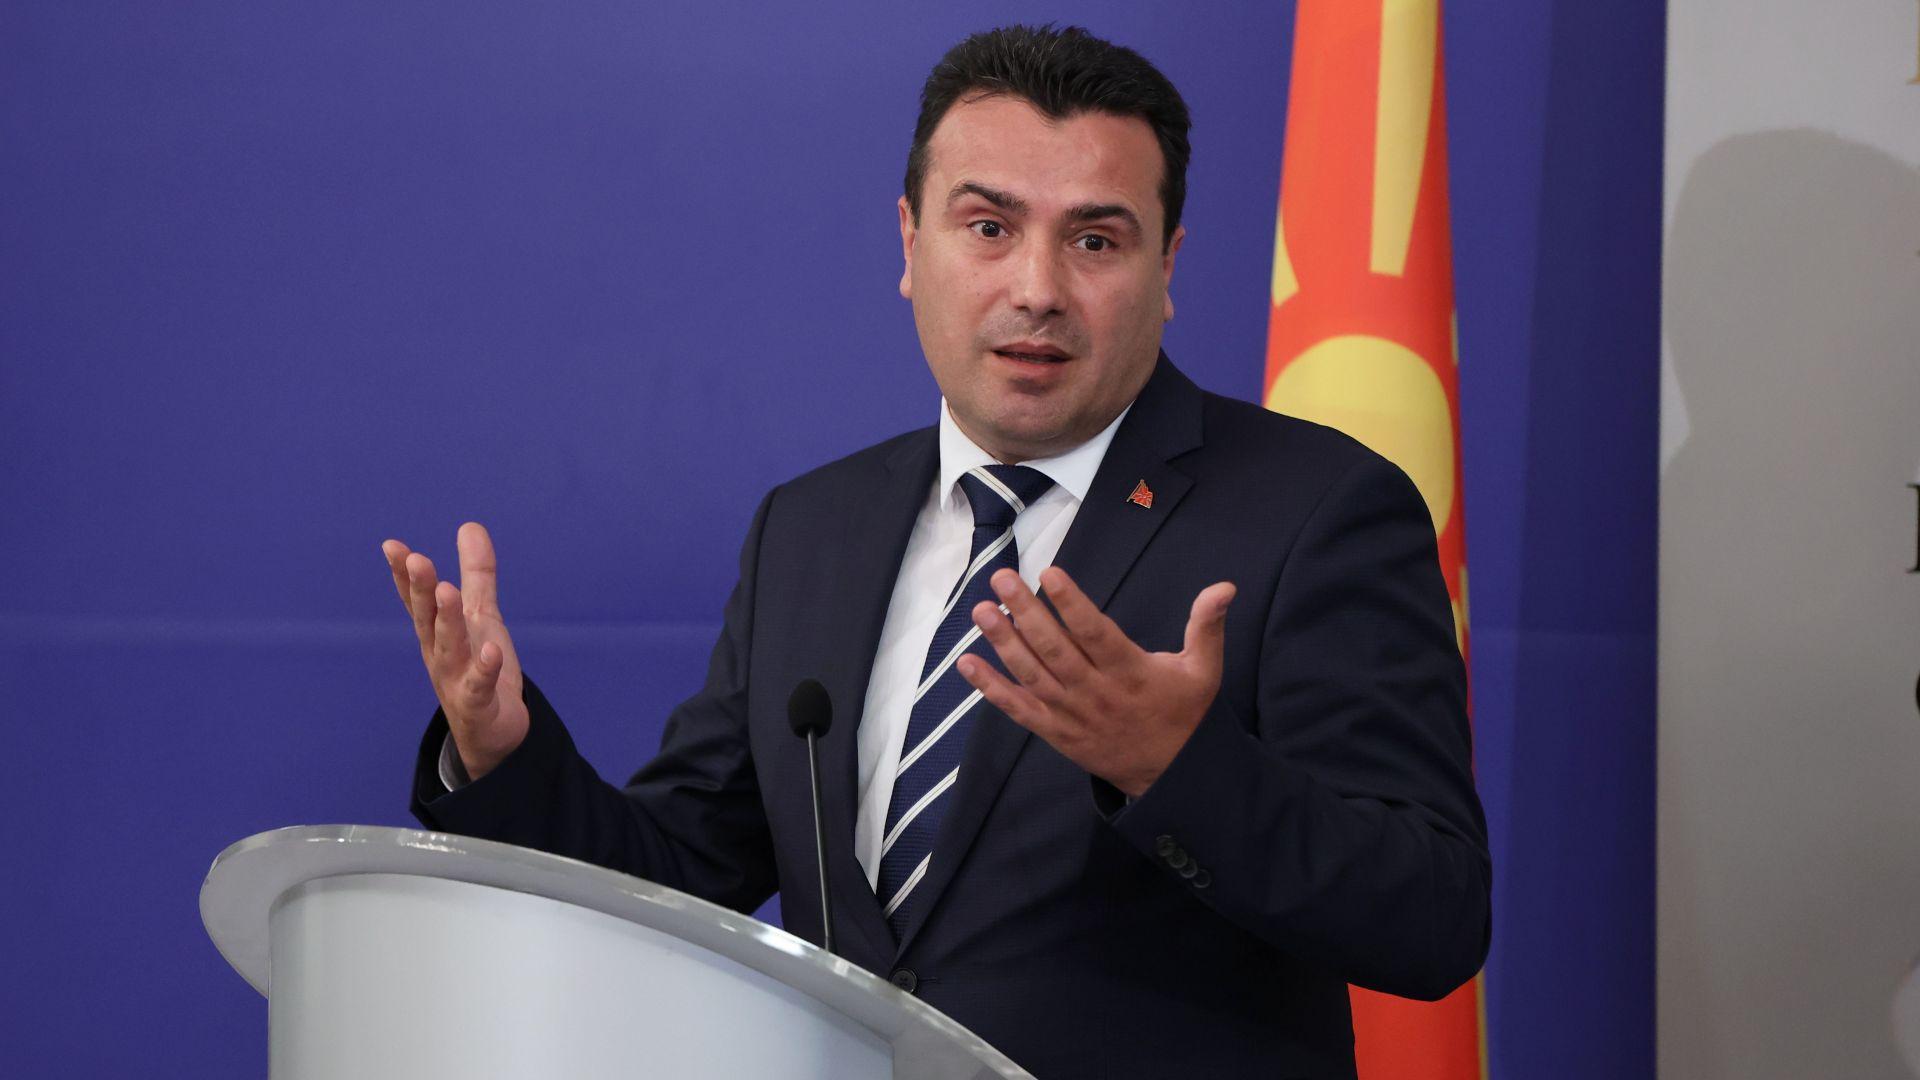 Зоран Заев очаква новото правителство на България да пусне Северна Македония в Европейския съюз